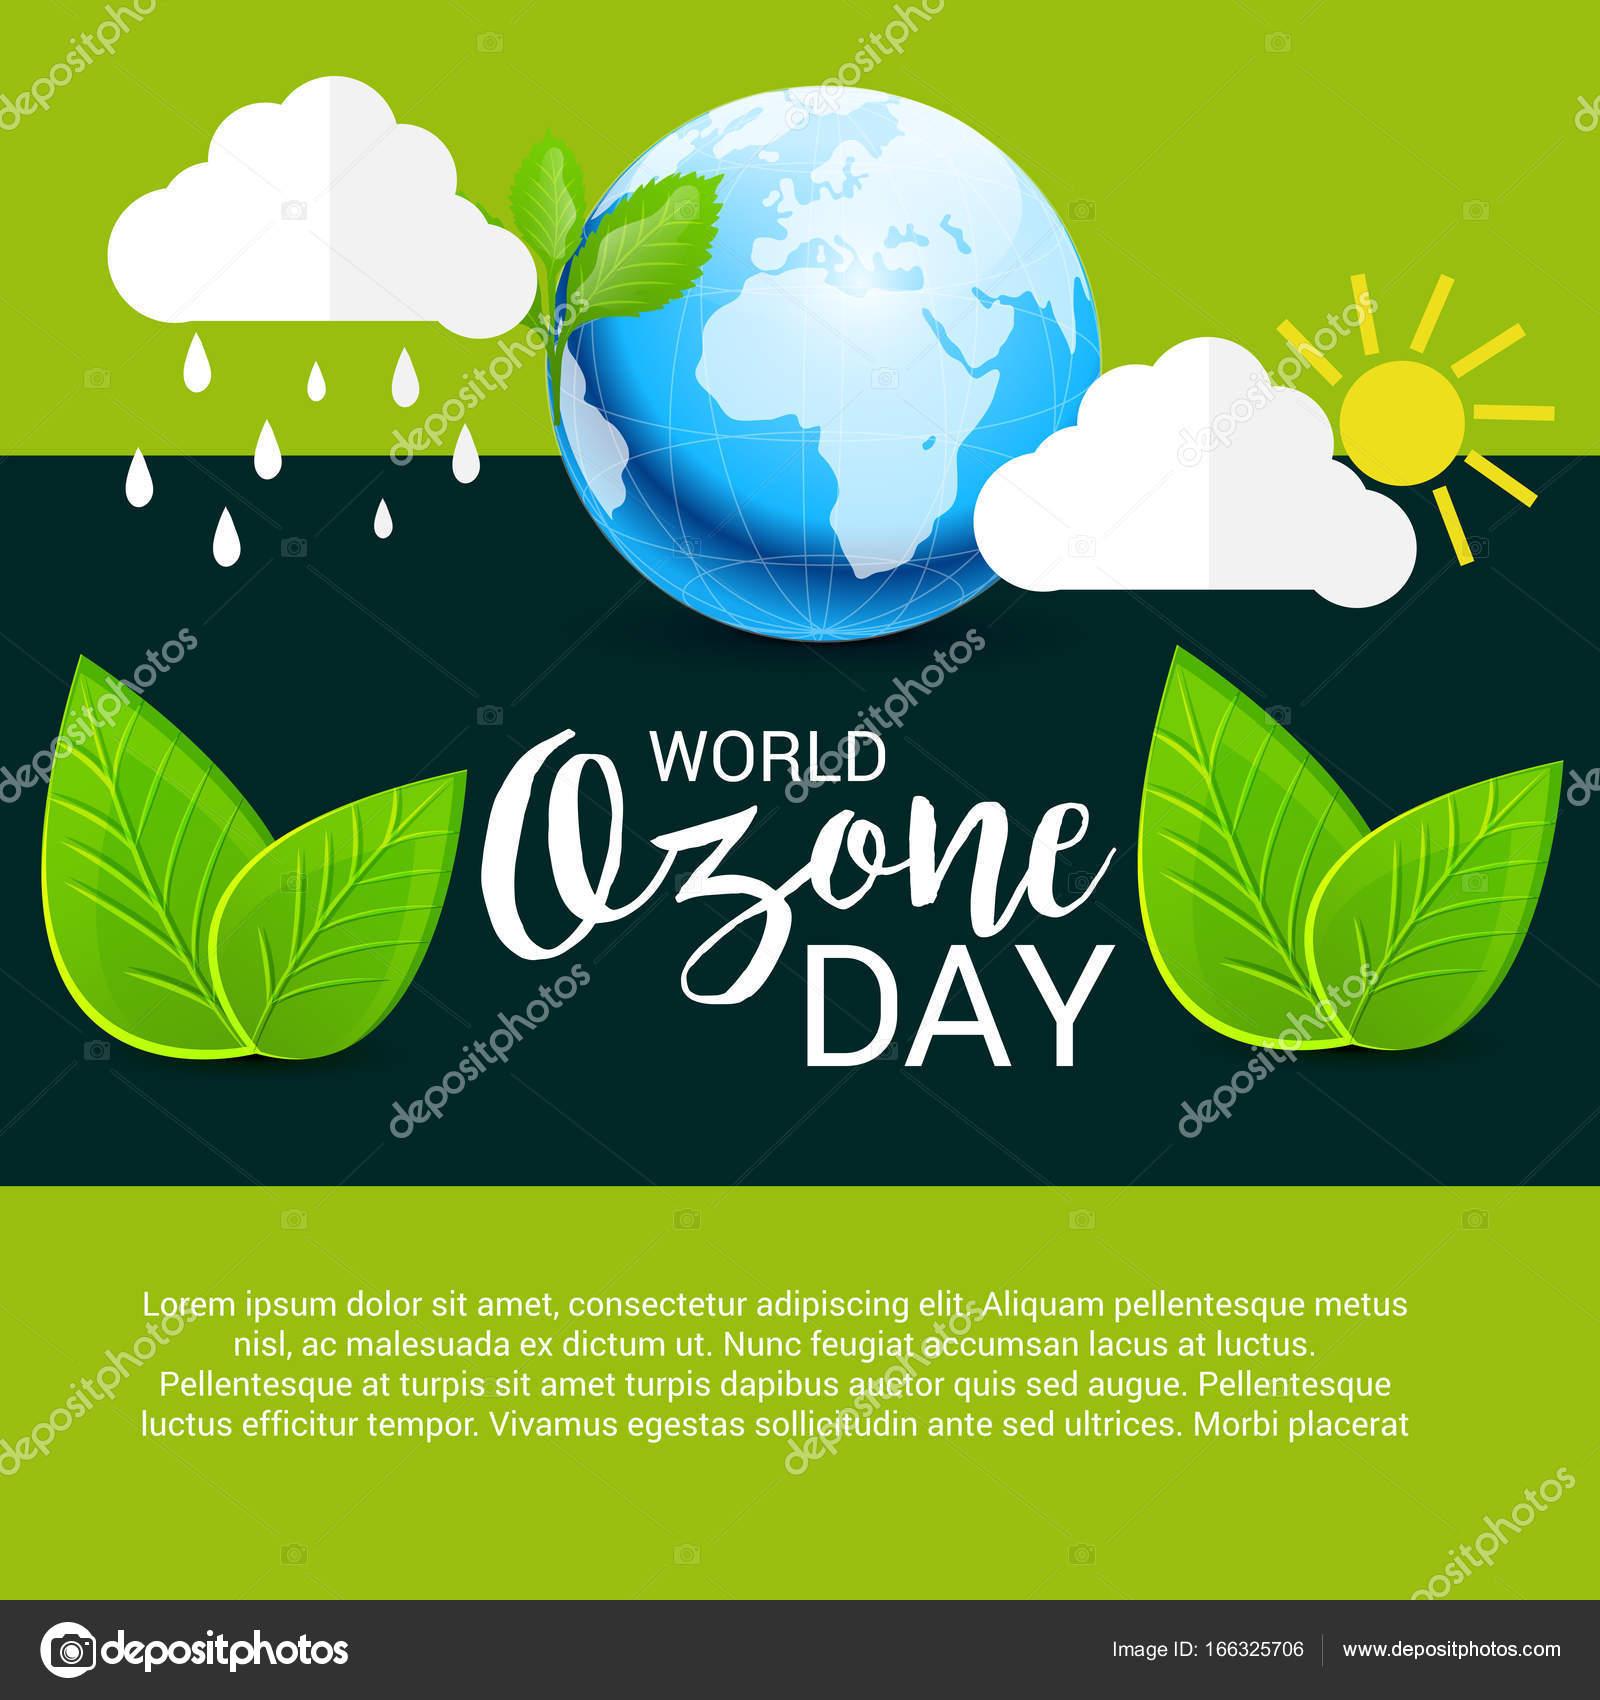 world ozone day information